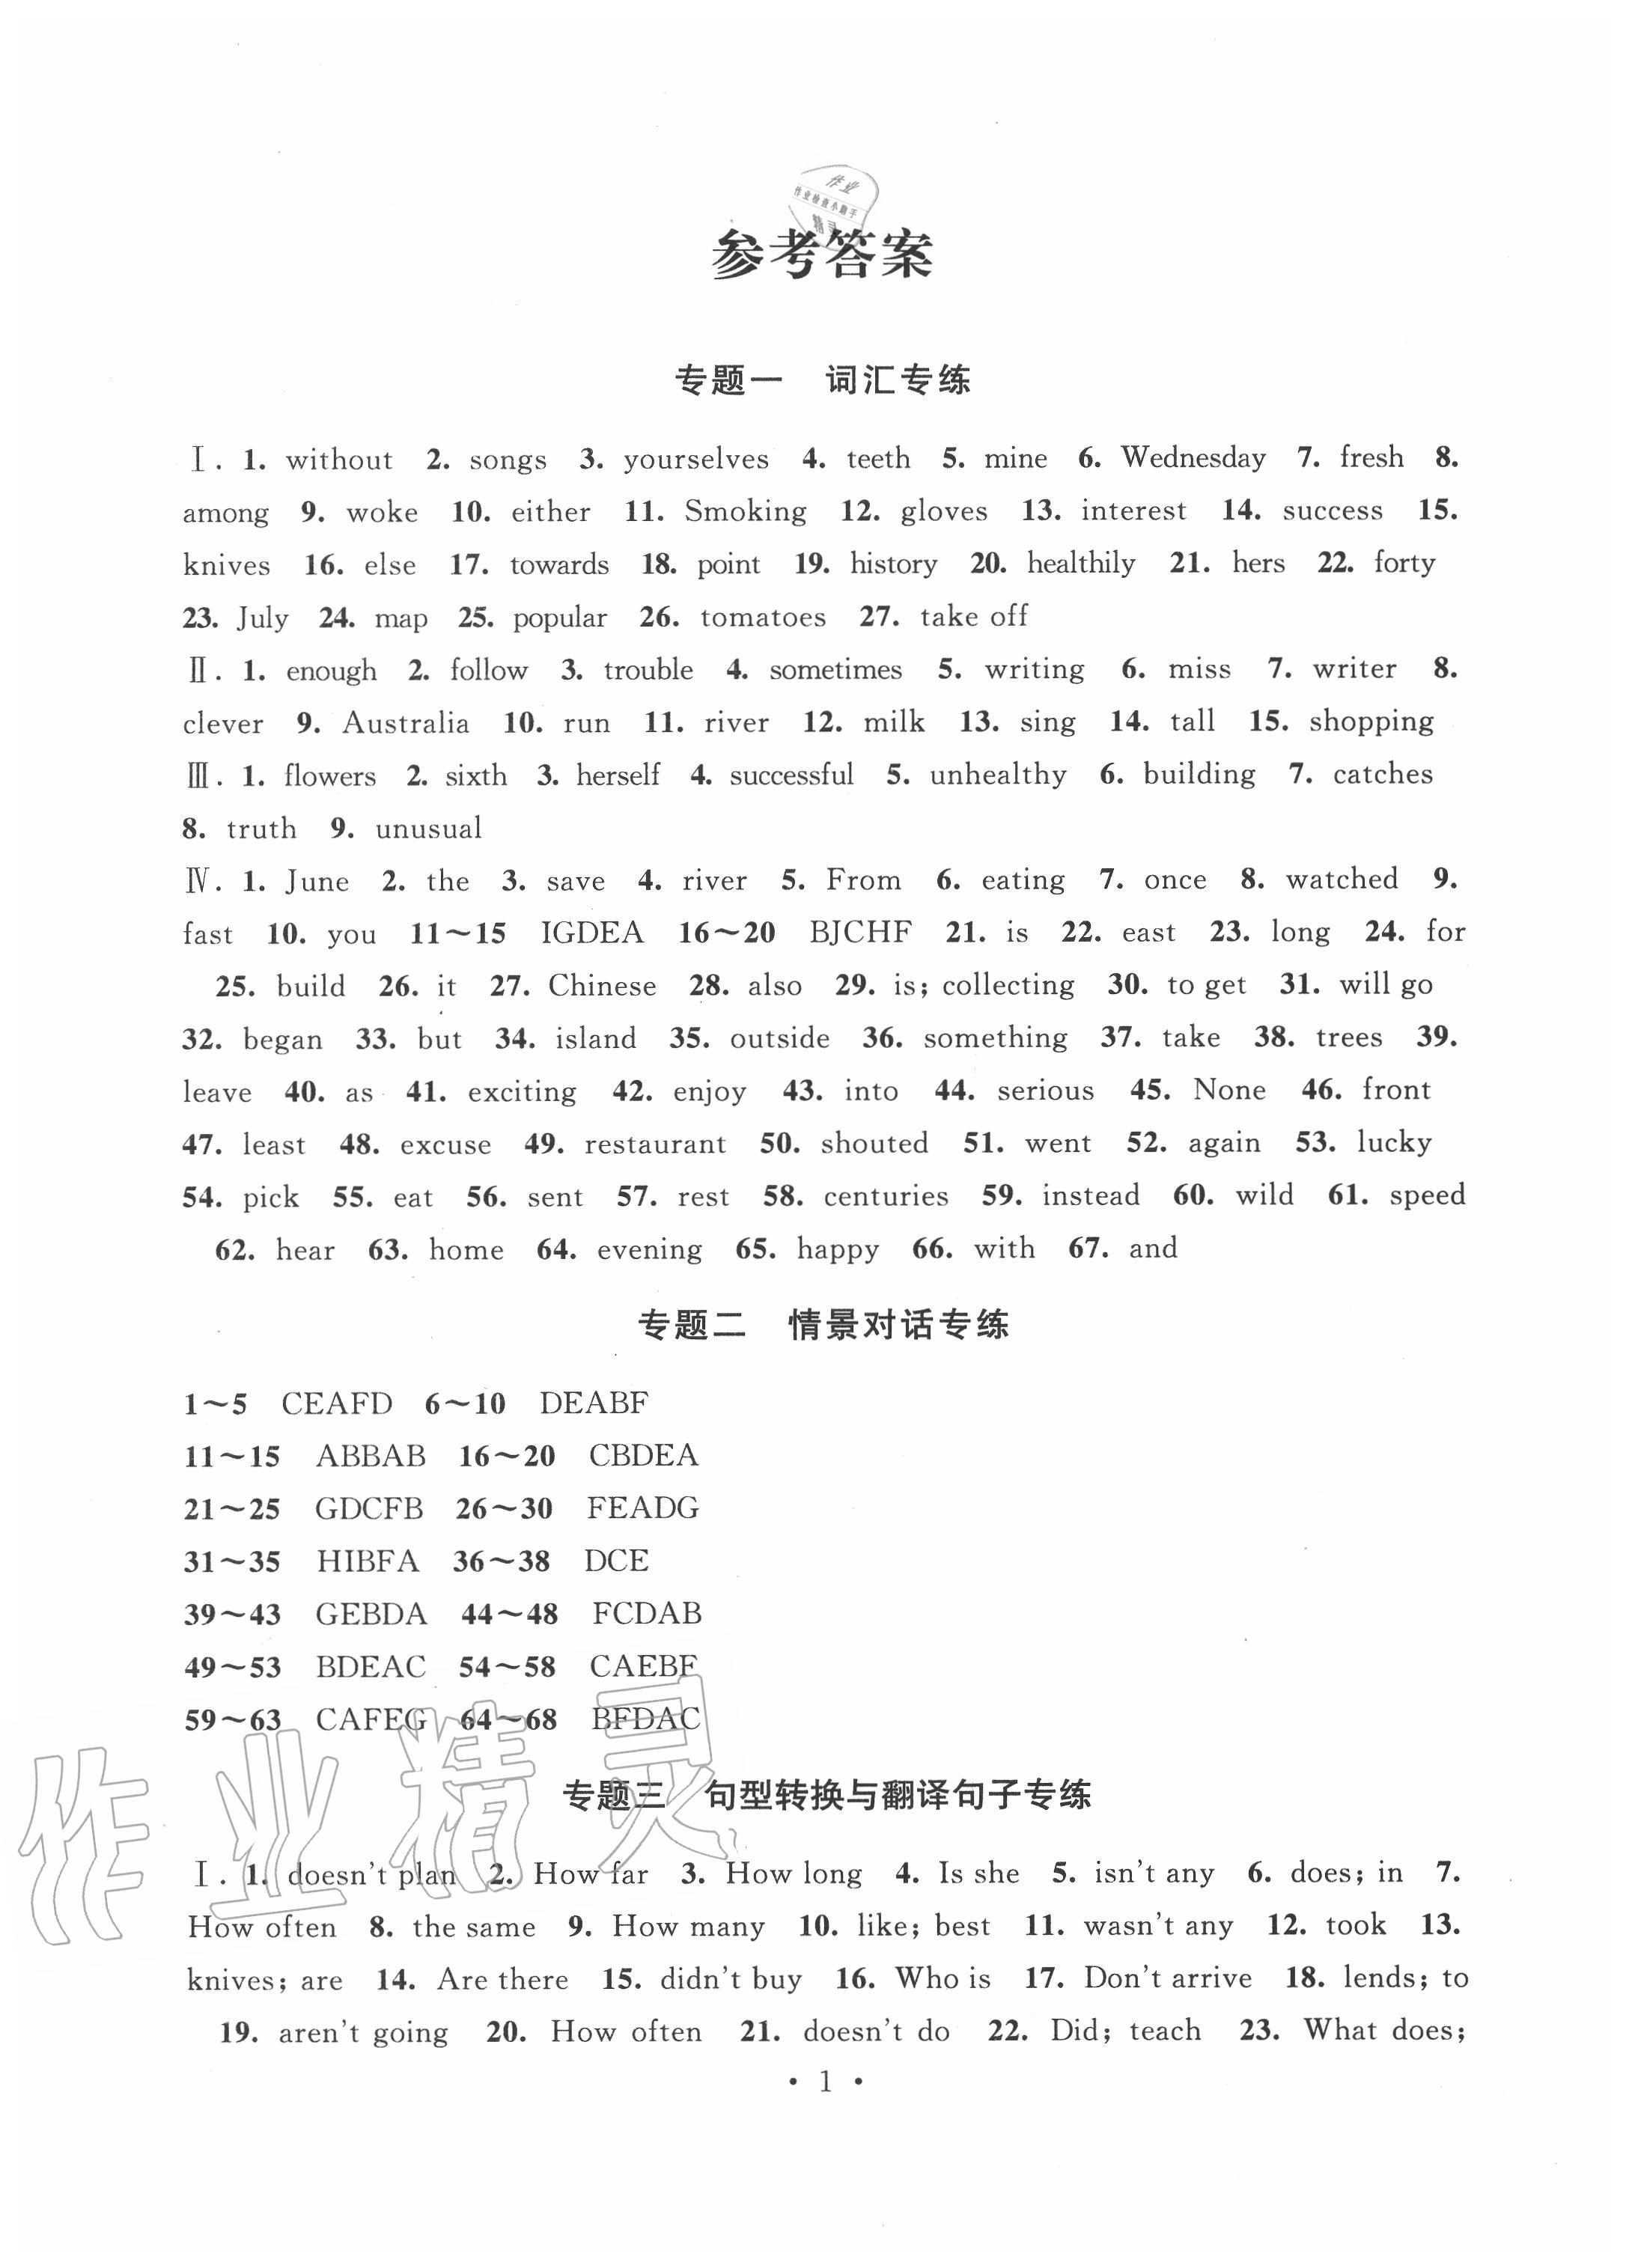 2020年暑假作业七年级英语外研版安徽人民出版社第1页